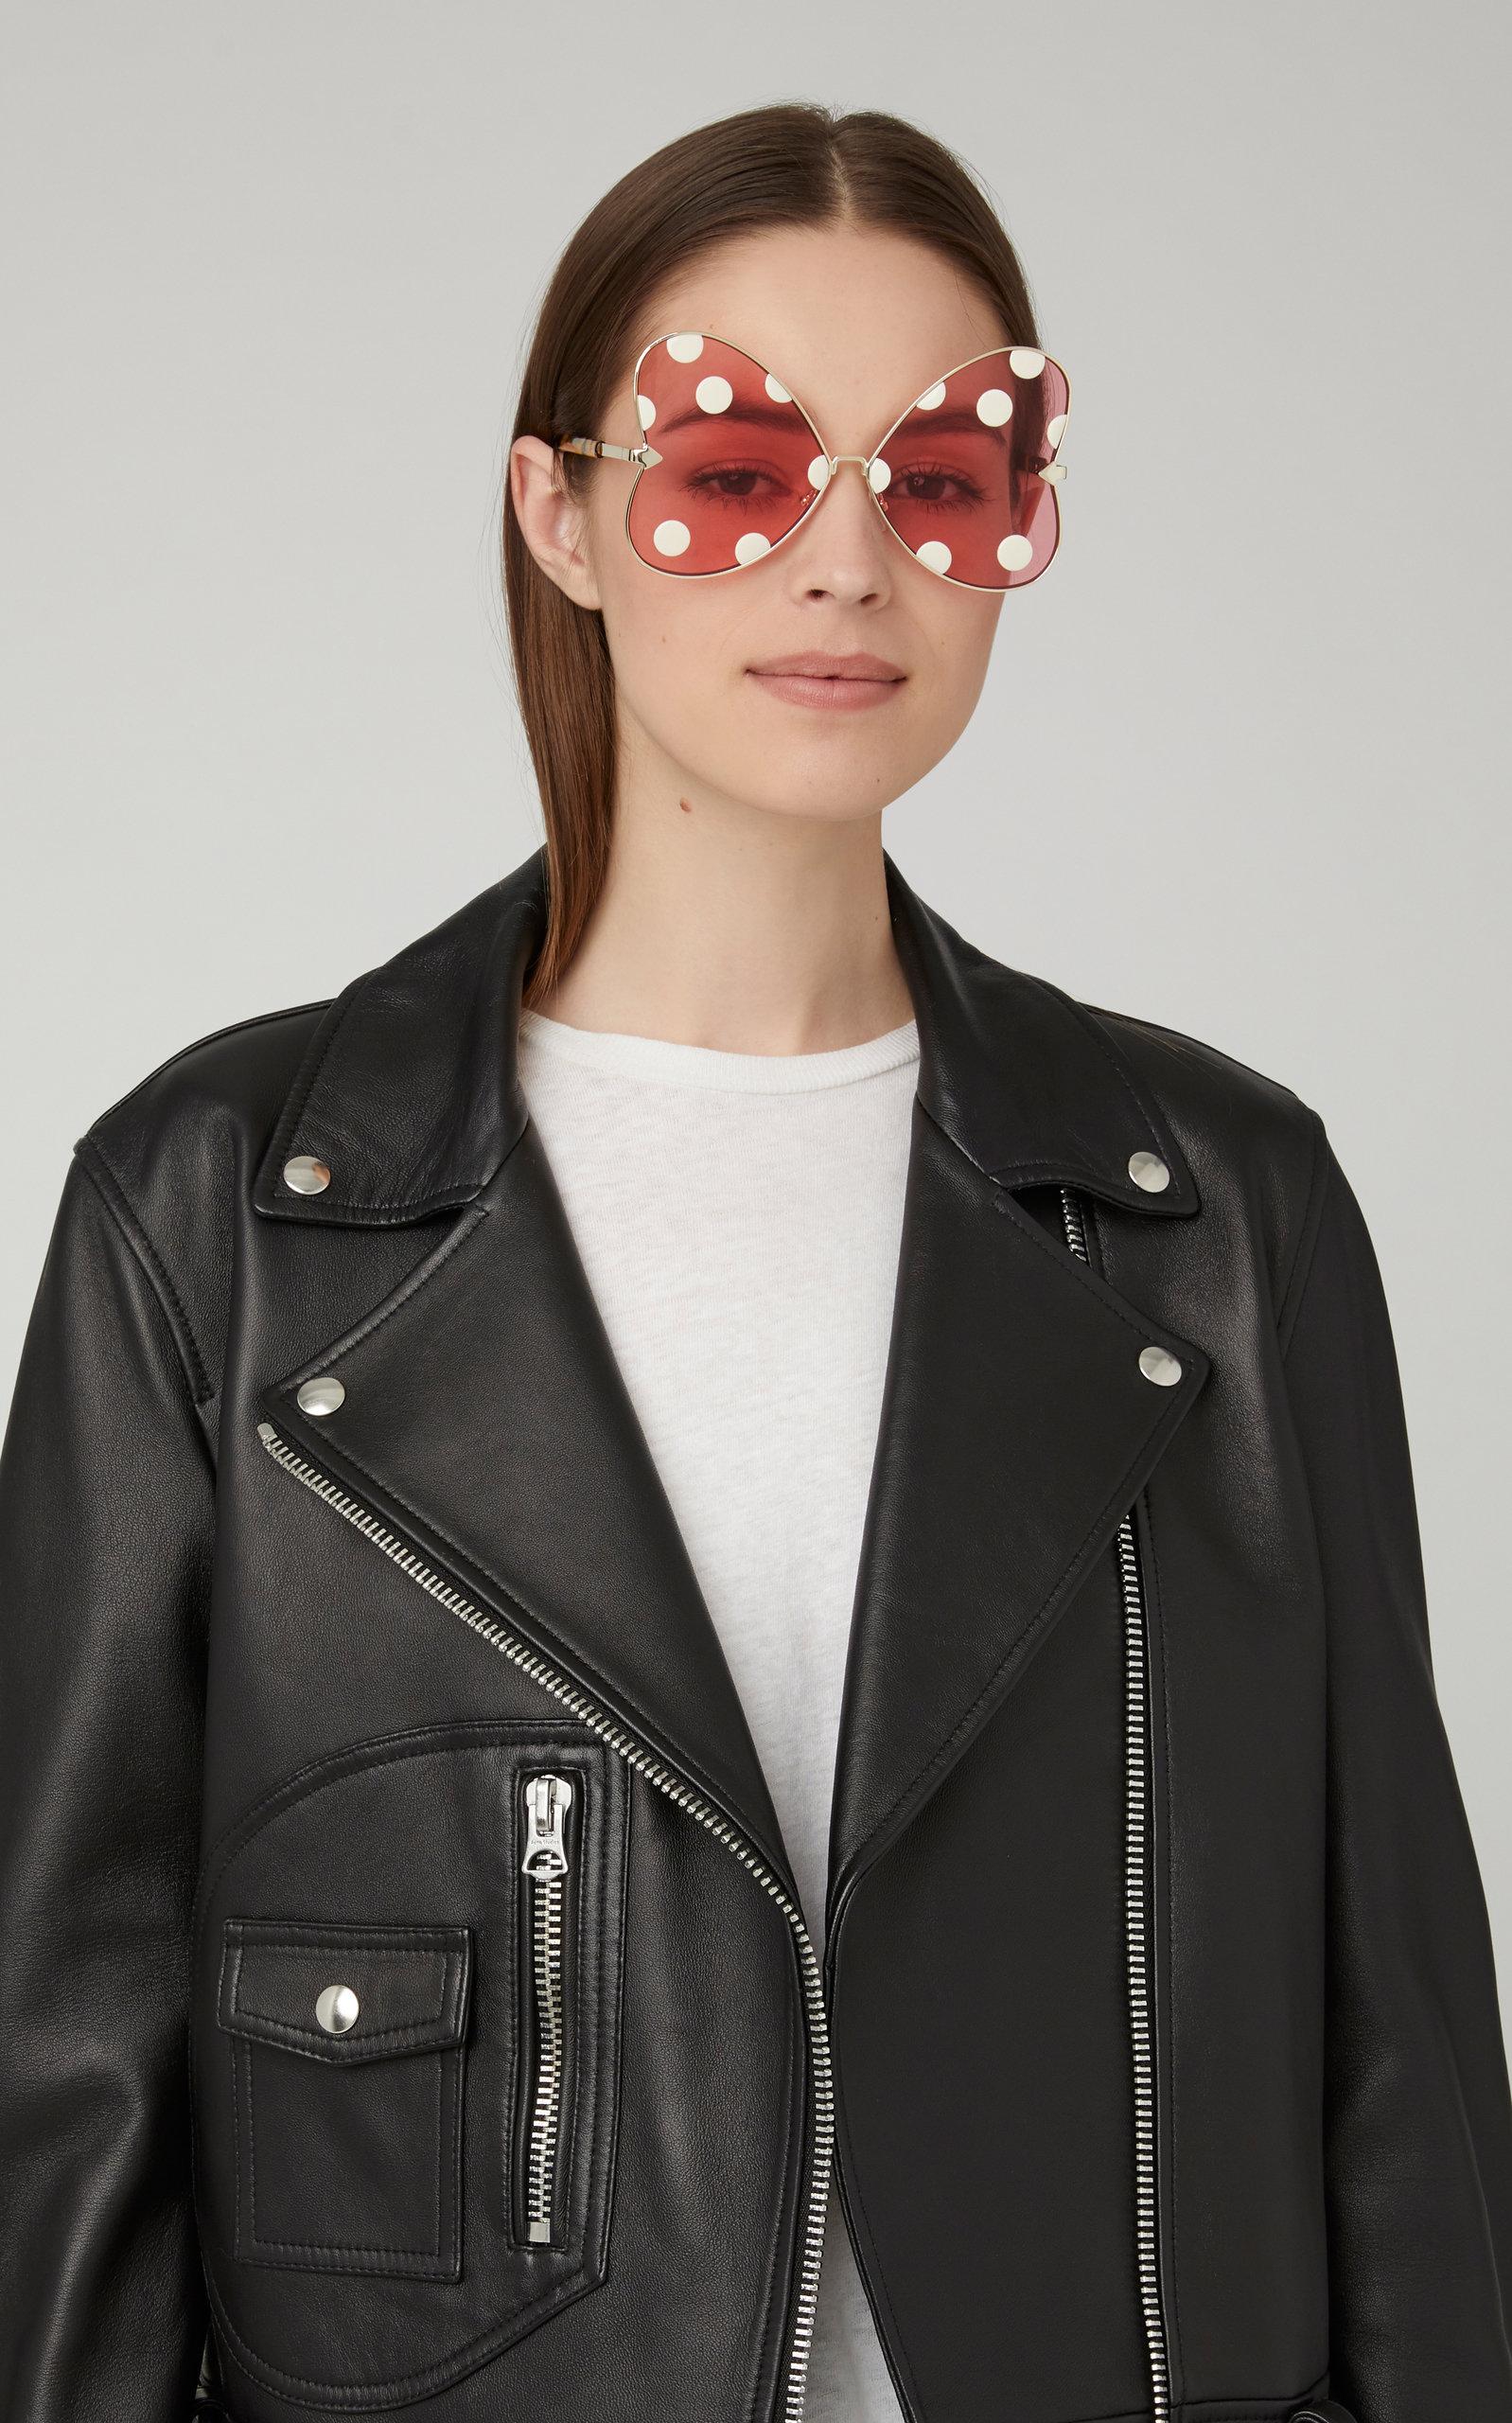 75e1a687a2a Karen Walker X DisneyMinnie Bow Oversized Sunglasses. CLOSE. Loading